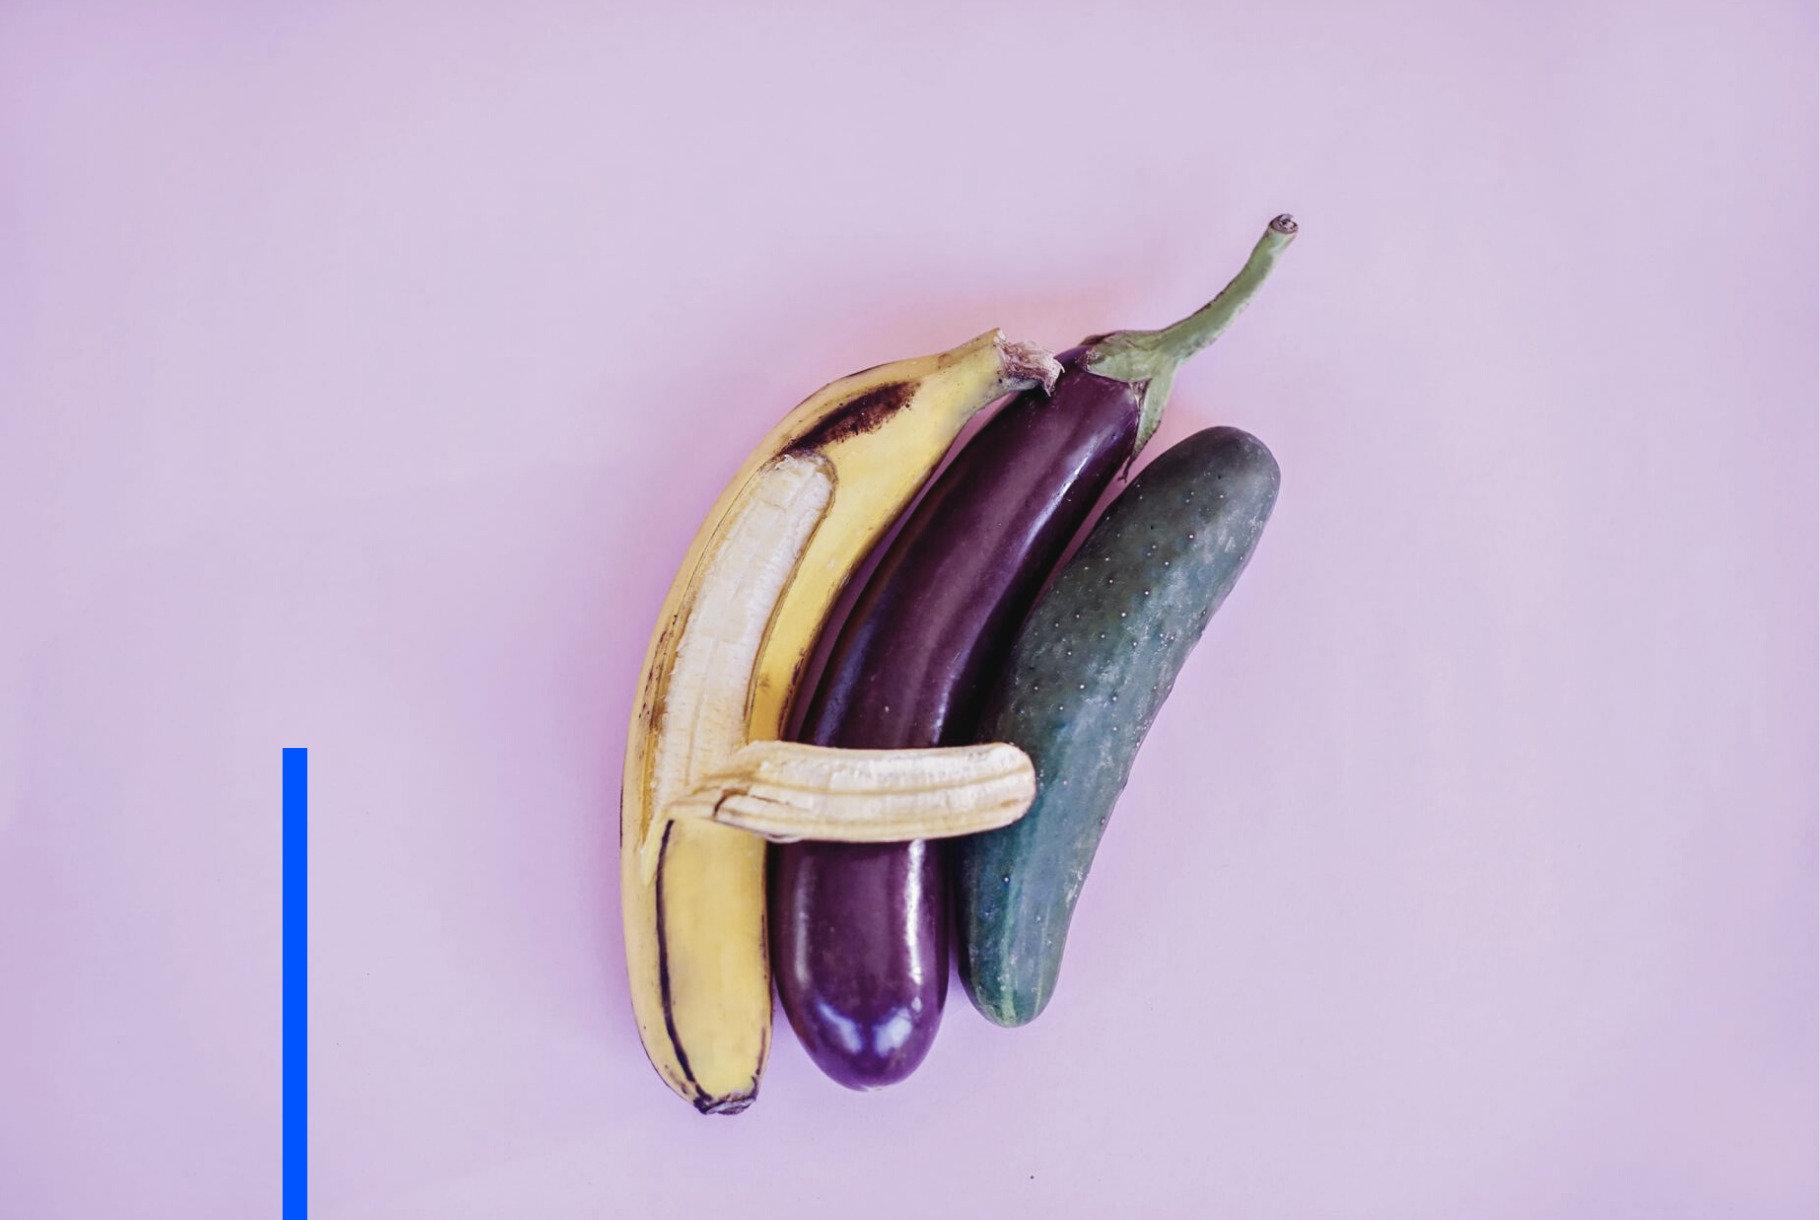 negalėjo išlaikyti erekcijos nebrangios priemonės erekcijai pagerinti